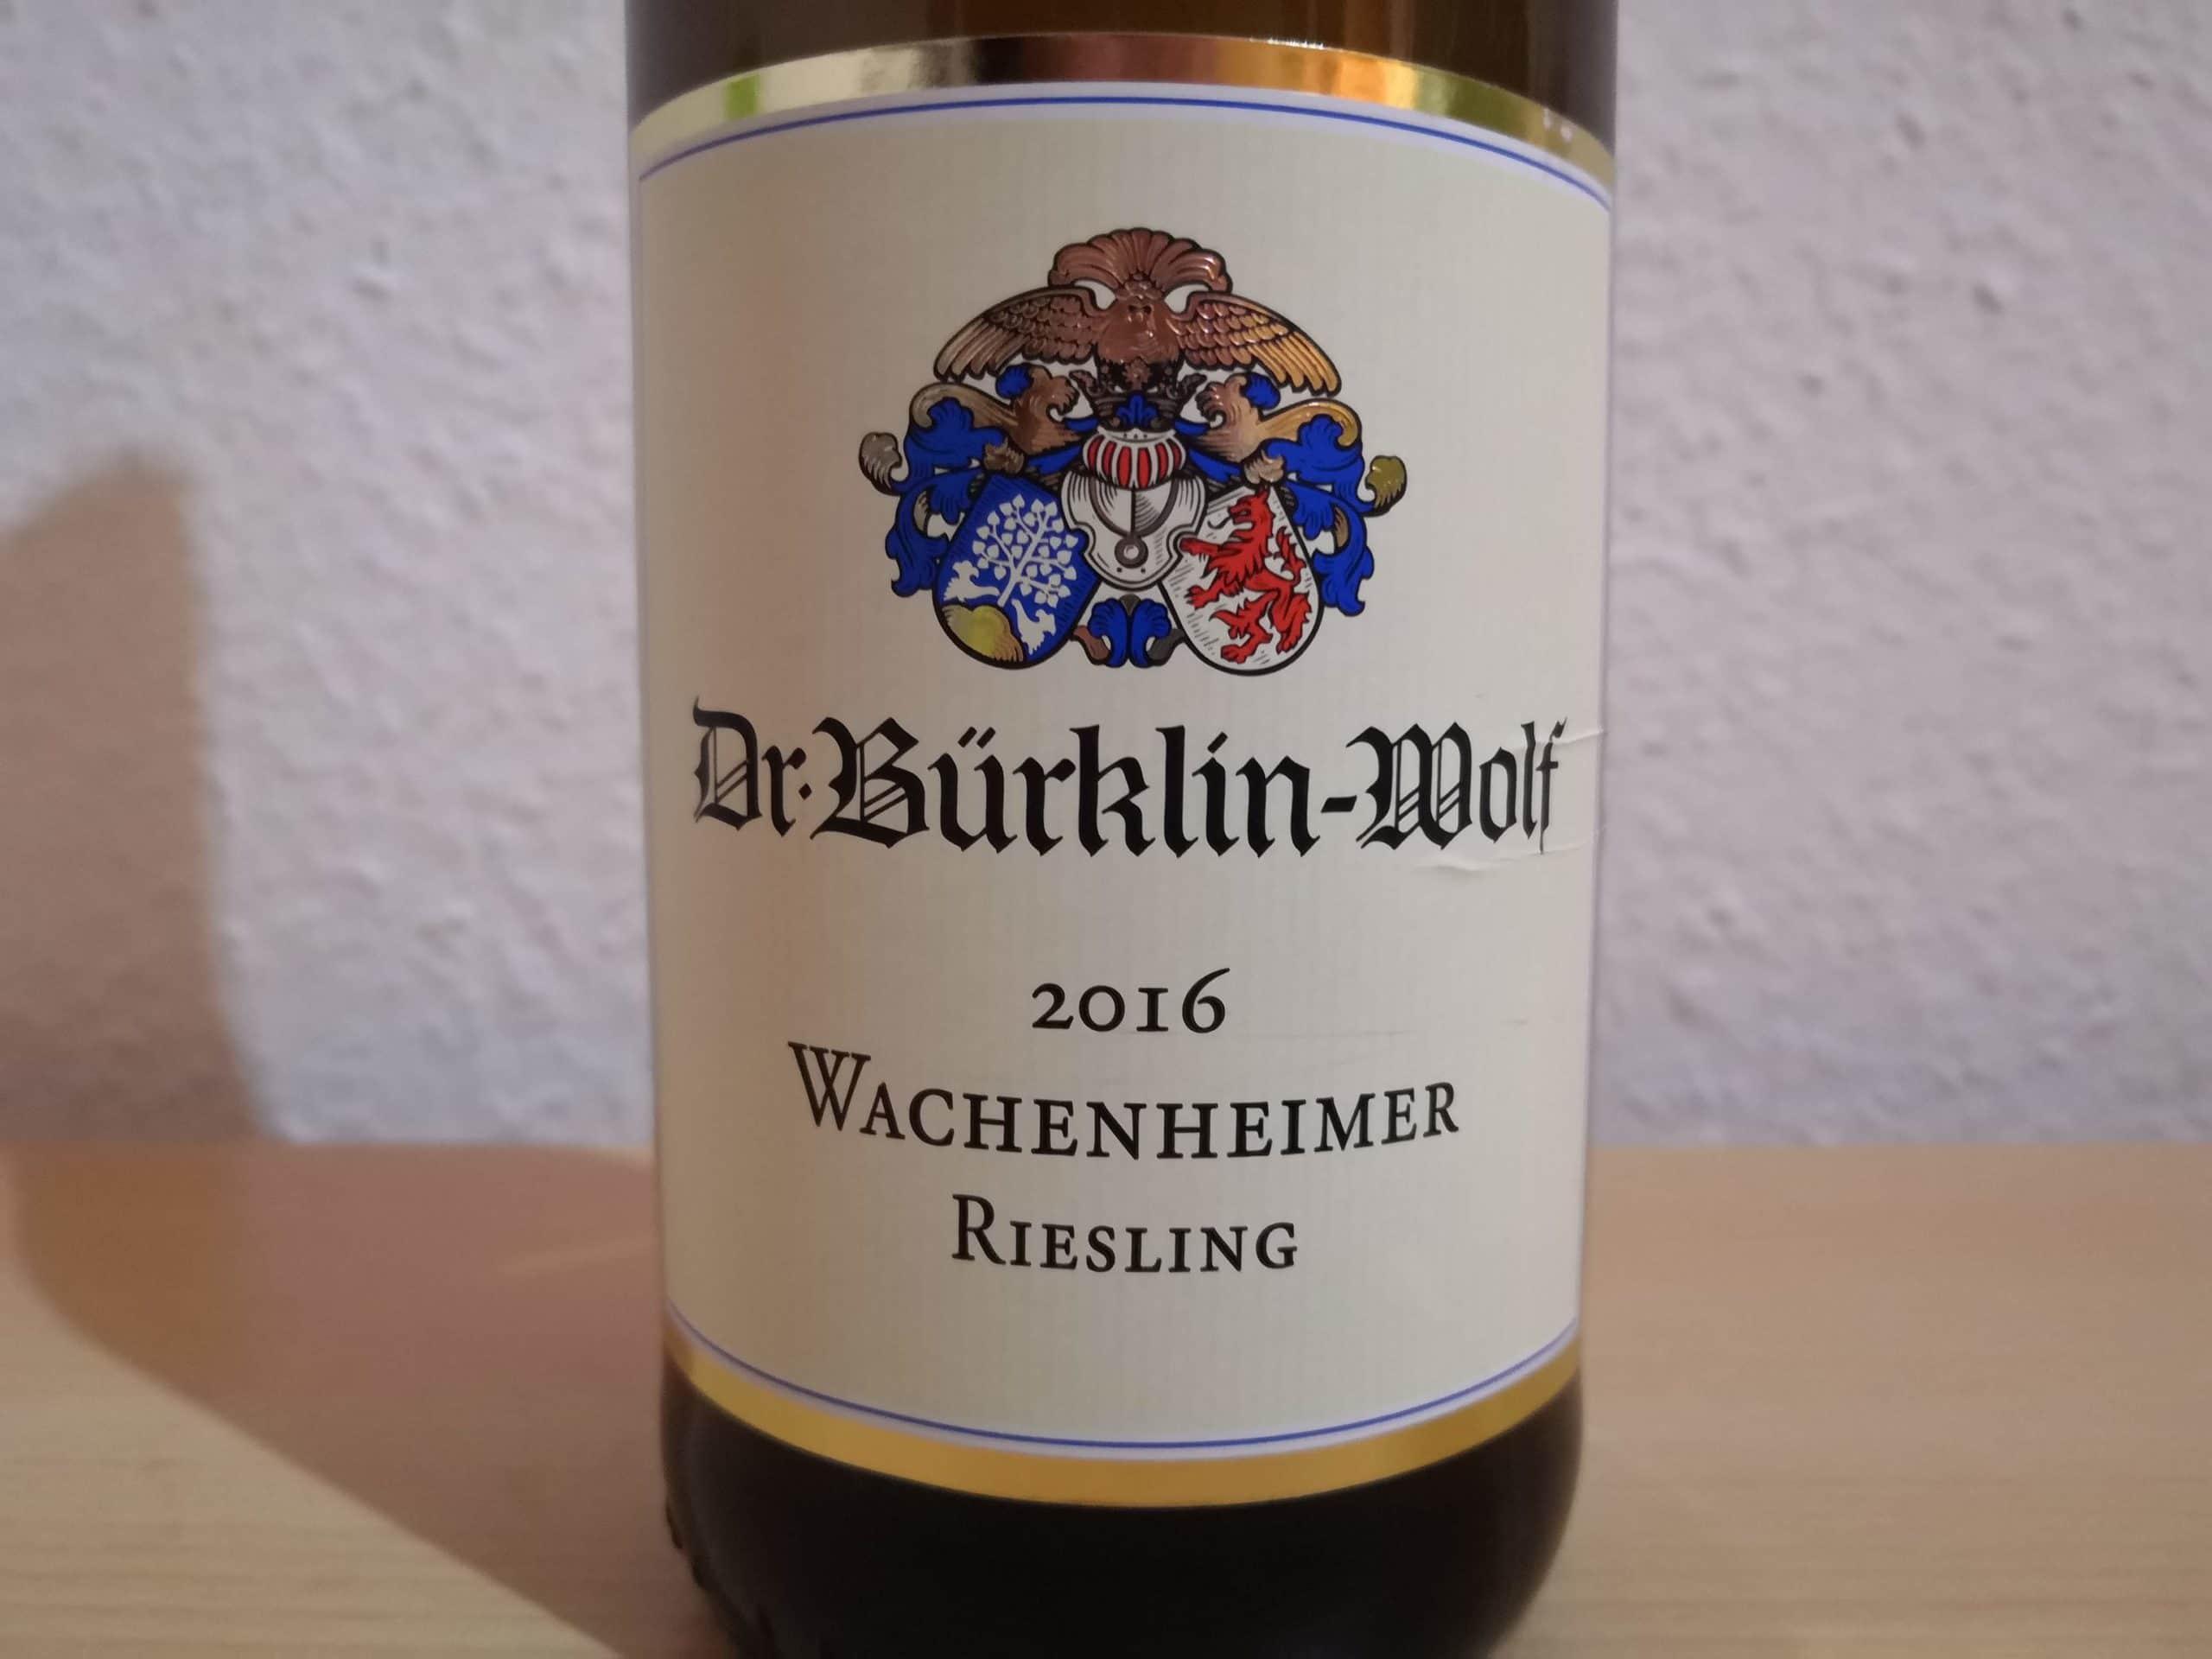 2016er Wachenheimer Riesling trocken vom Weingut Bürklin-Wolf